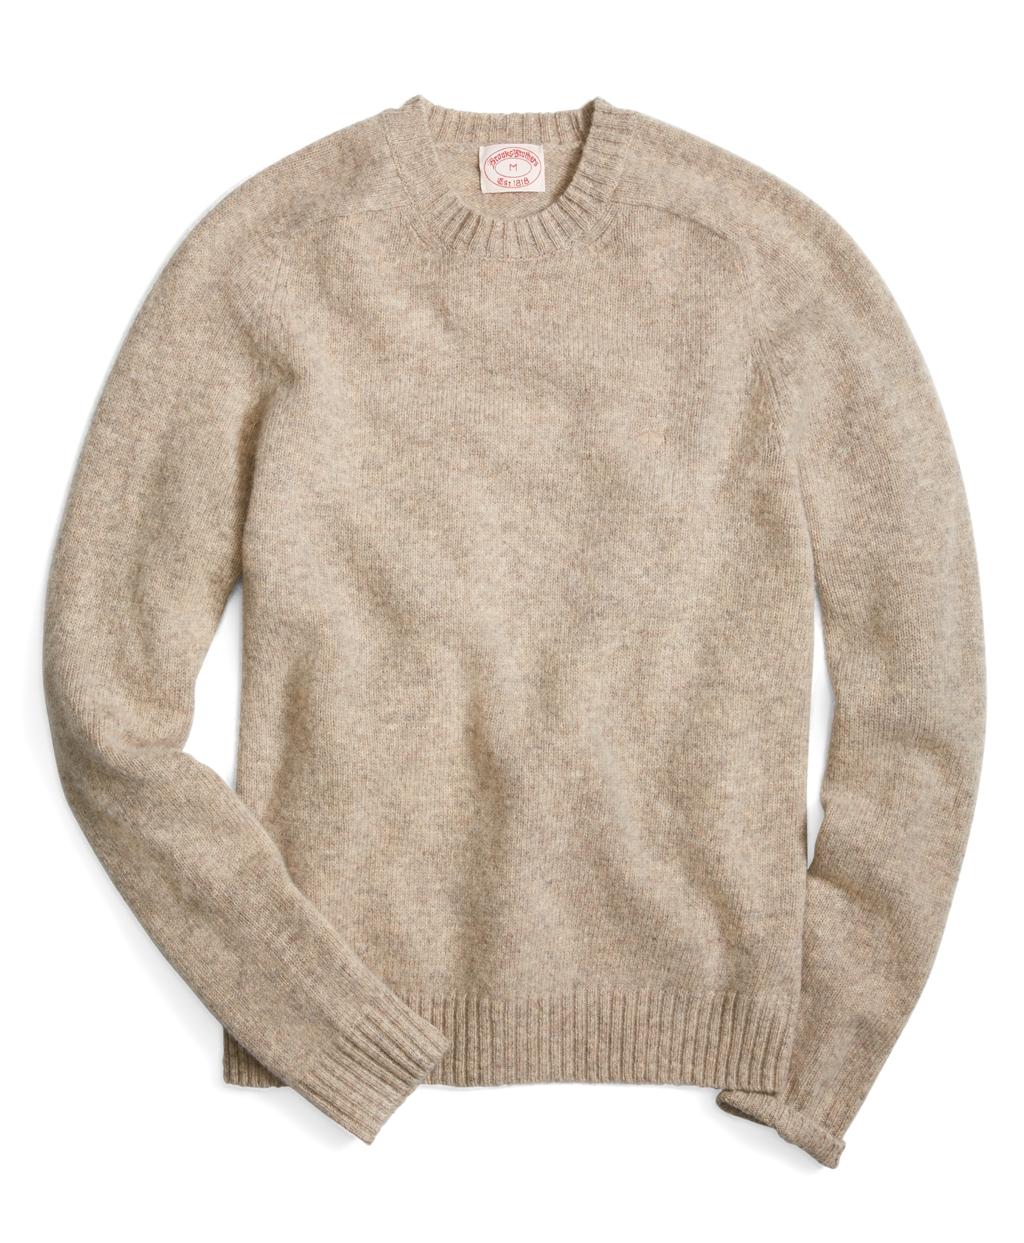 8276ea2efa Saddle Shoulder Sweater Related Keywords   Suggestions - Saddle ...